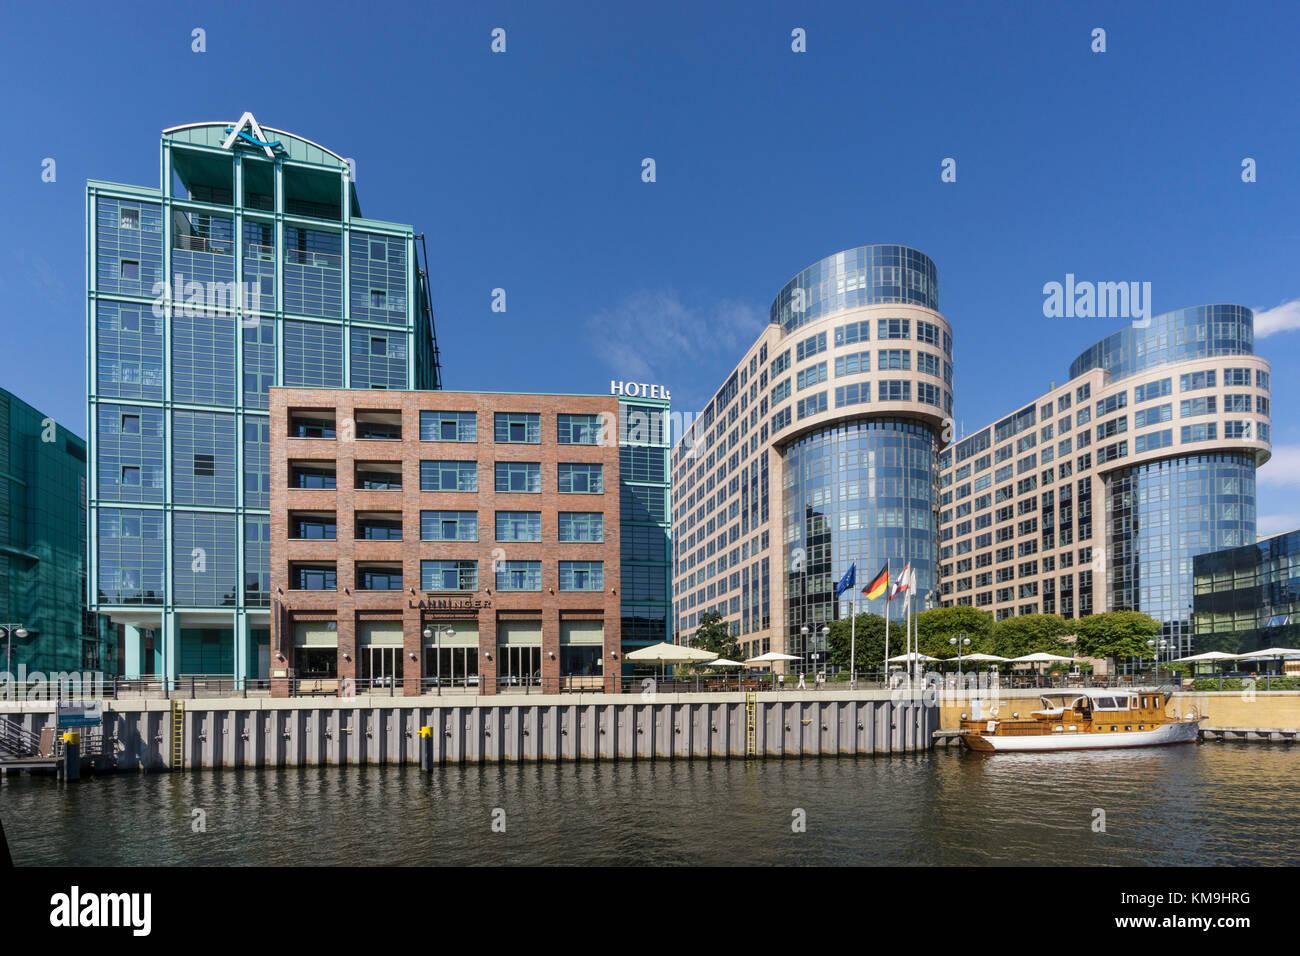 Spreebogen, modern architecture,  river Spree, Alt Moabit , Hotel Abion, Old Bolle Dairy, ,Berlin, Germany - Stock Image